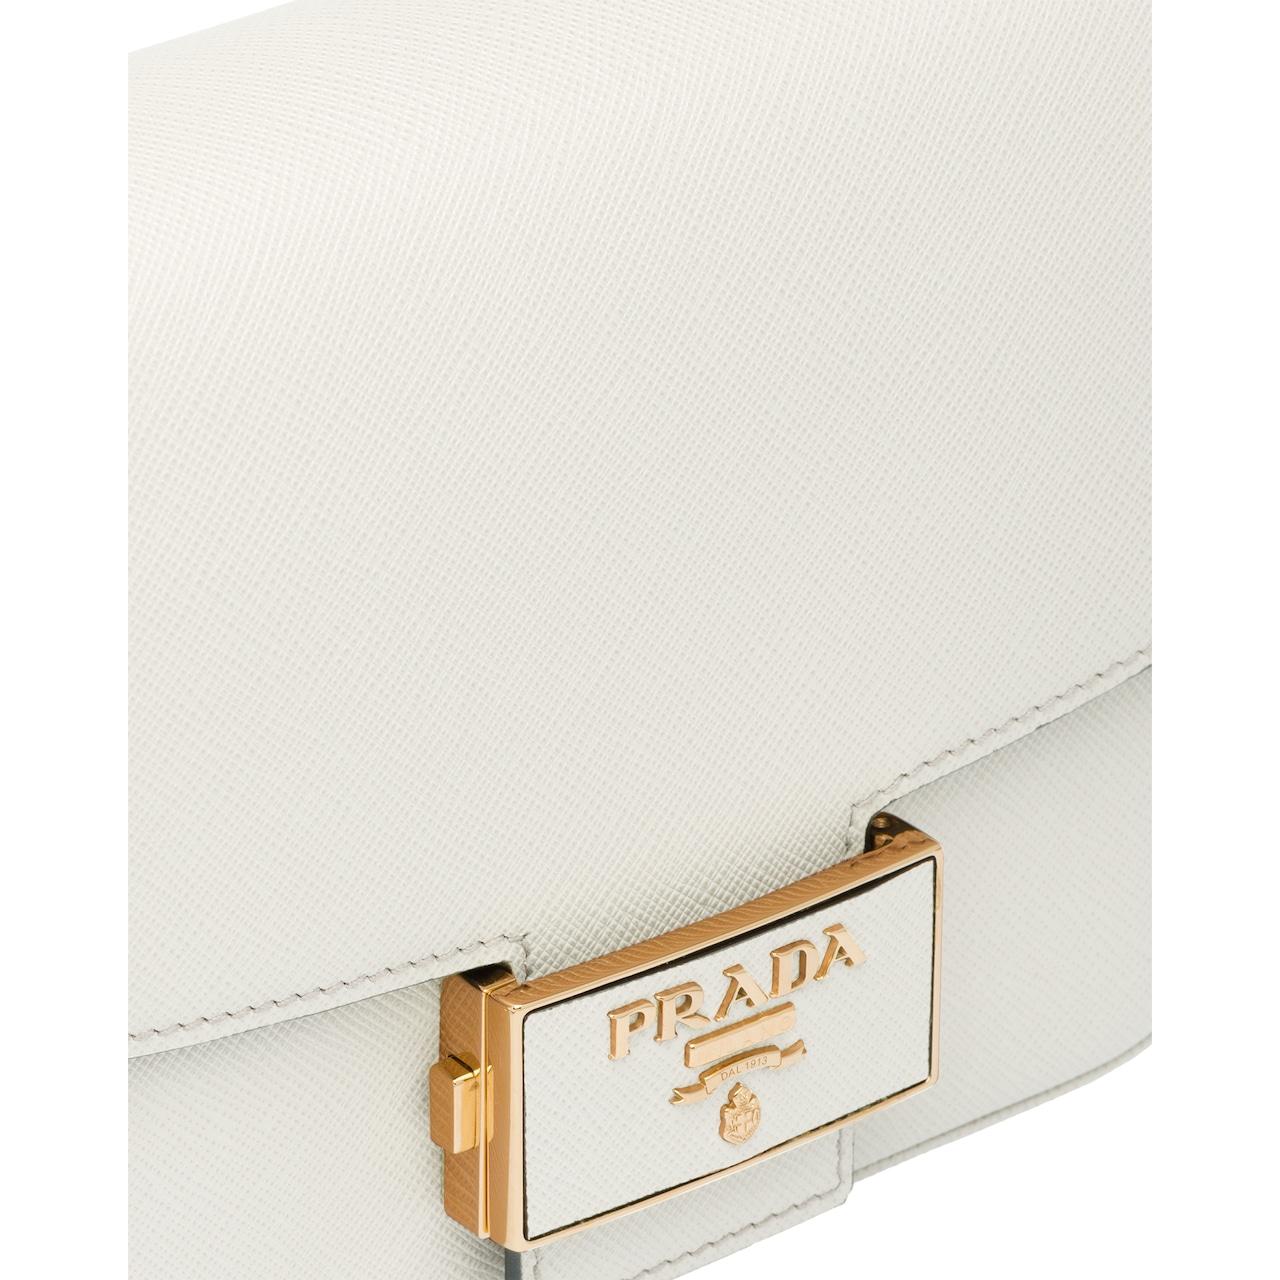 Prada Prada Emblème Saffiano leather bag 6